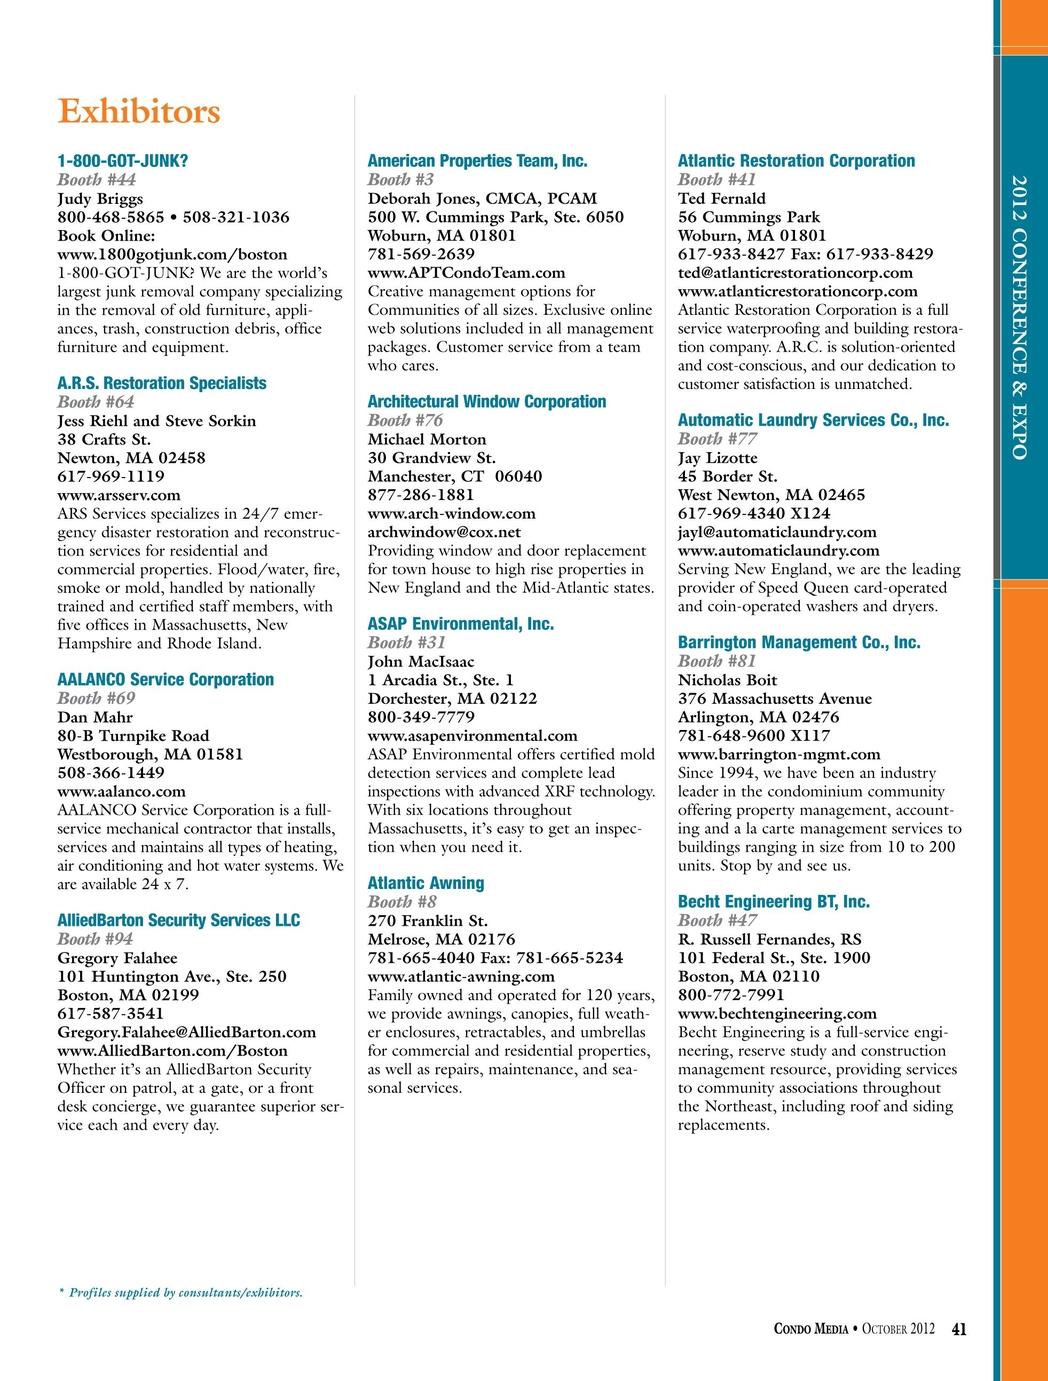 Condo Media - October 2012